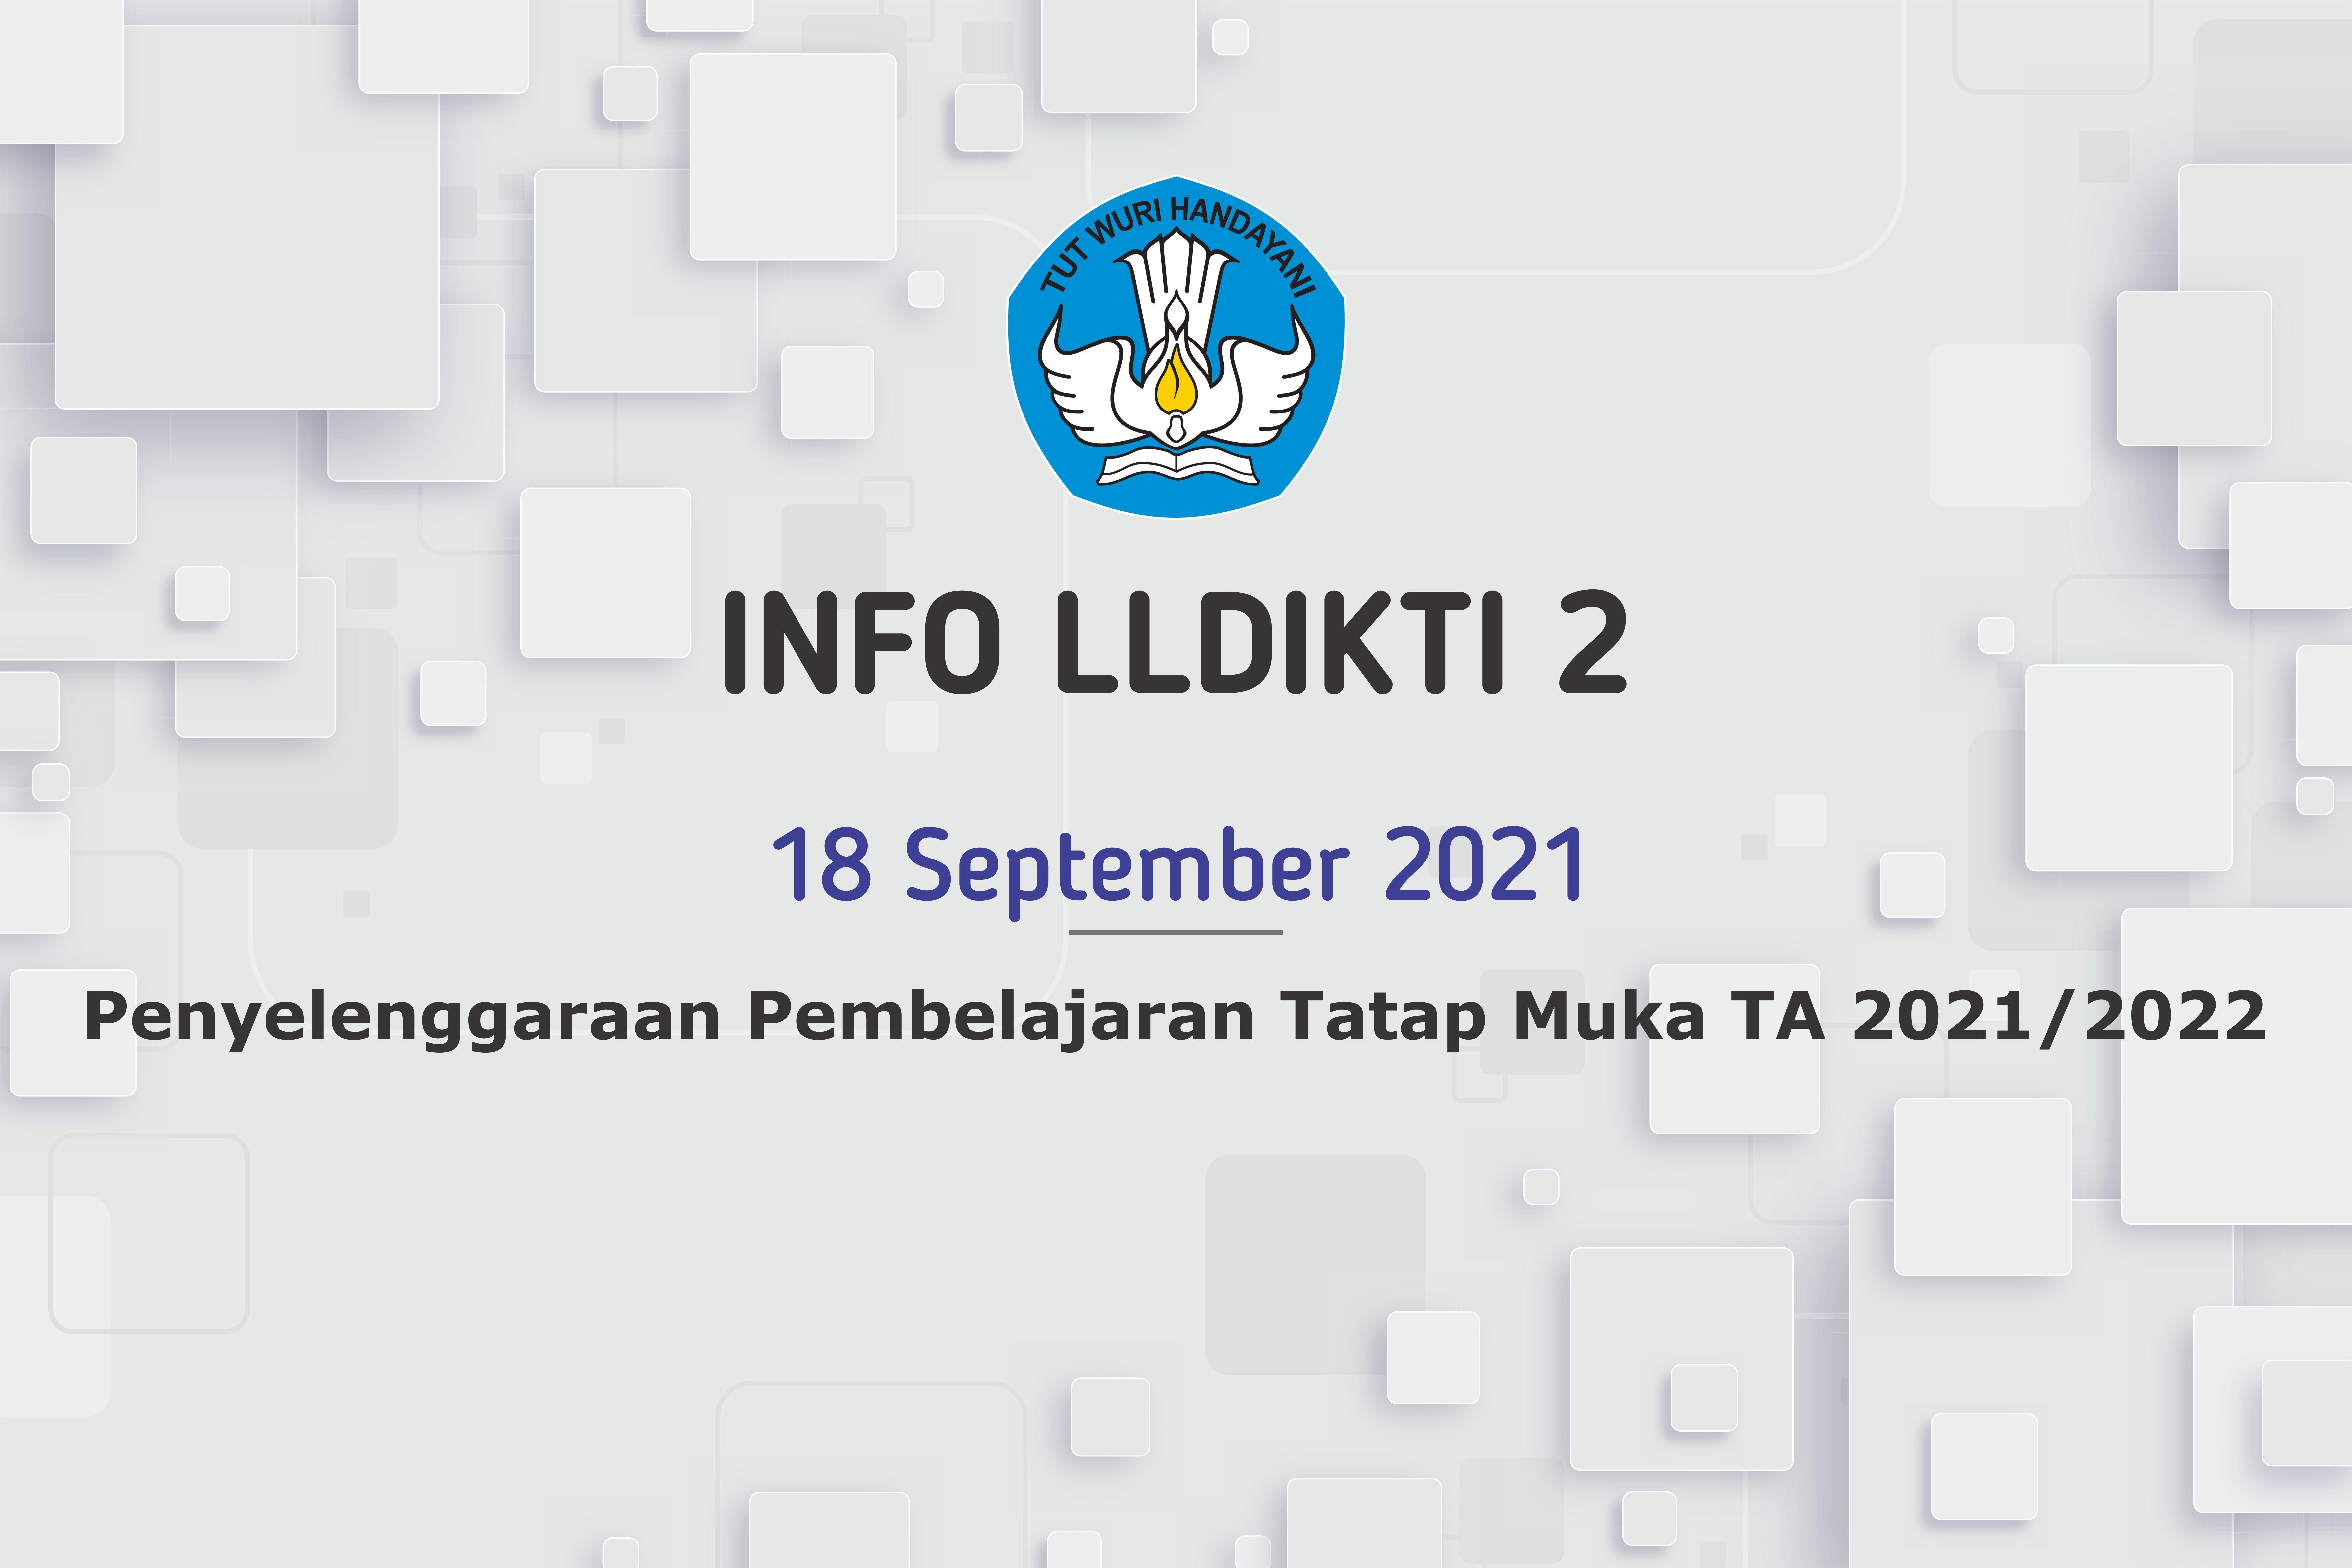 Penyelenggaraan Pembelajaran Tatap Muka TA 2021/2022